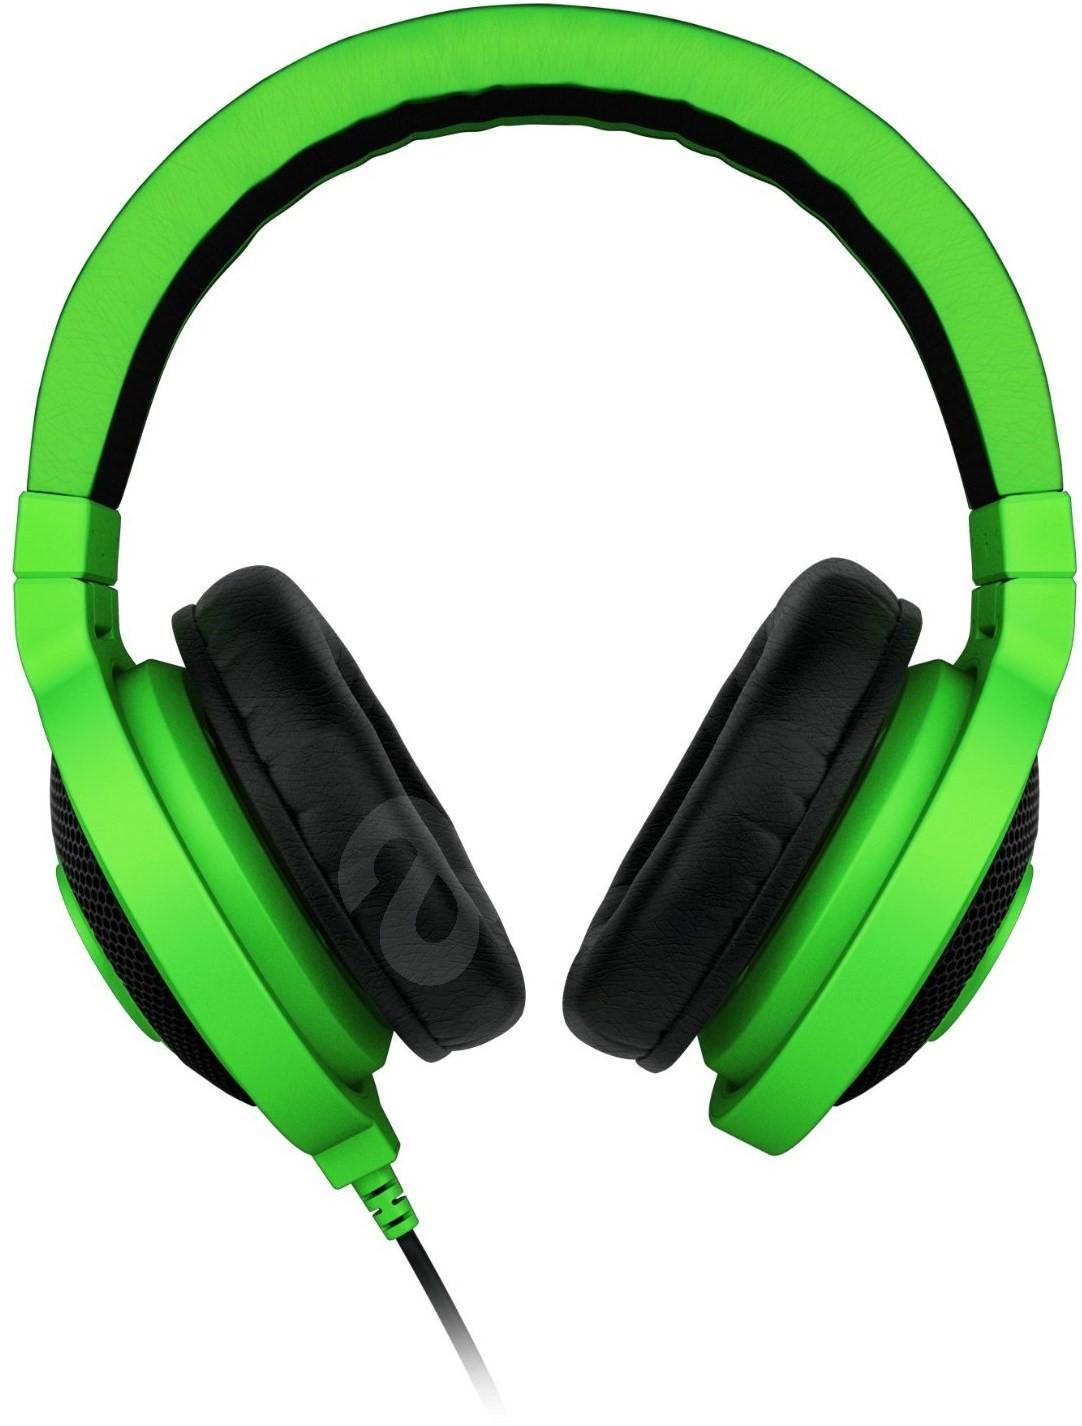 Razer Kraken Pro Green Headphones With Mic Alzashop Com